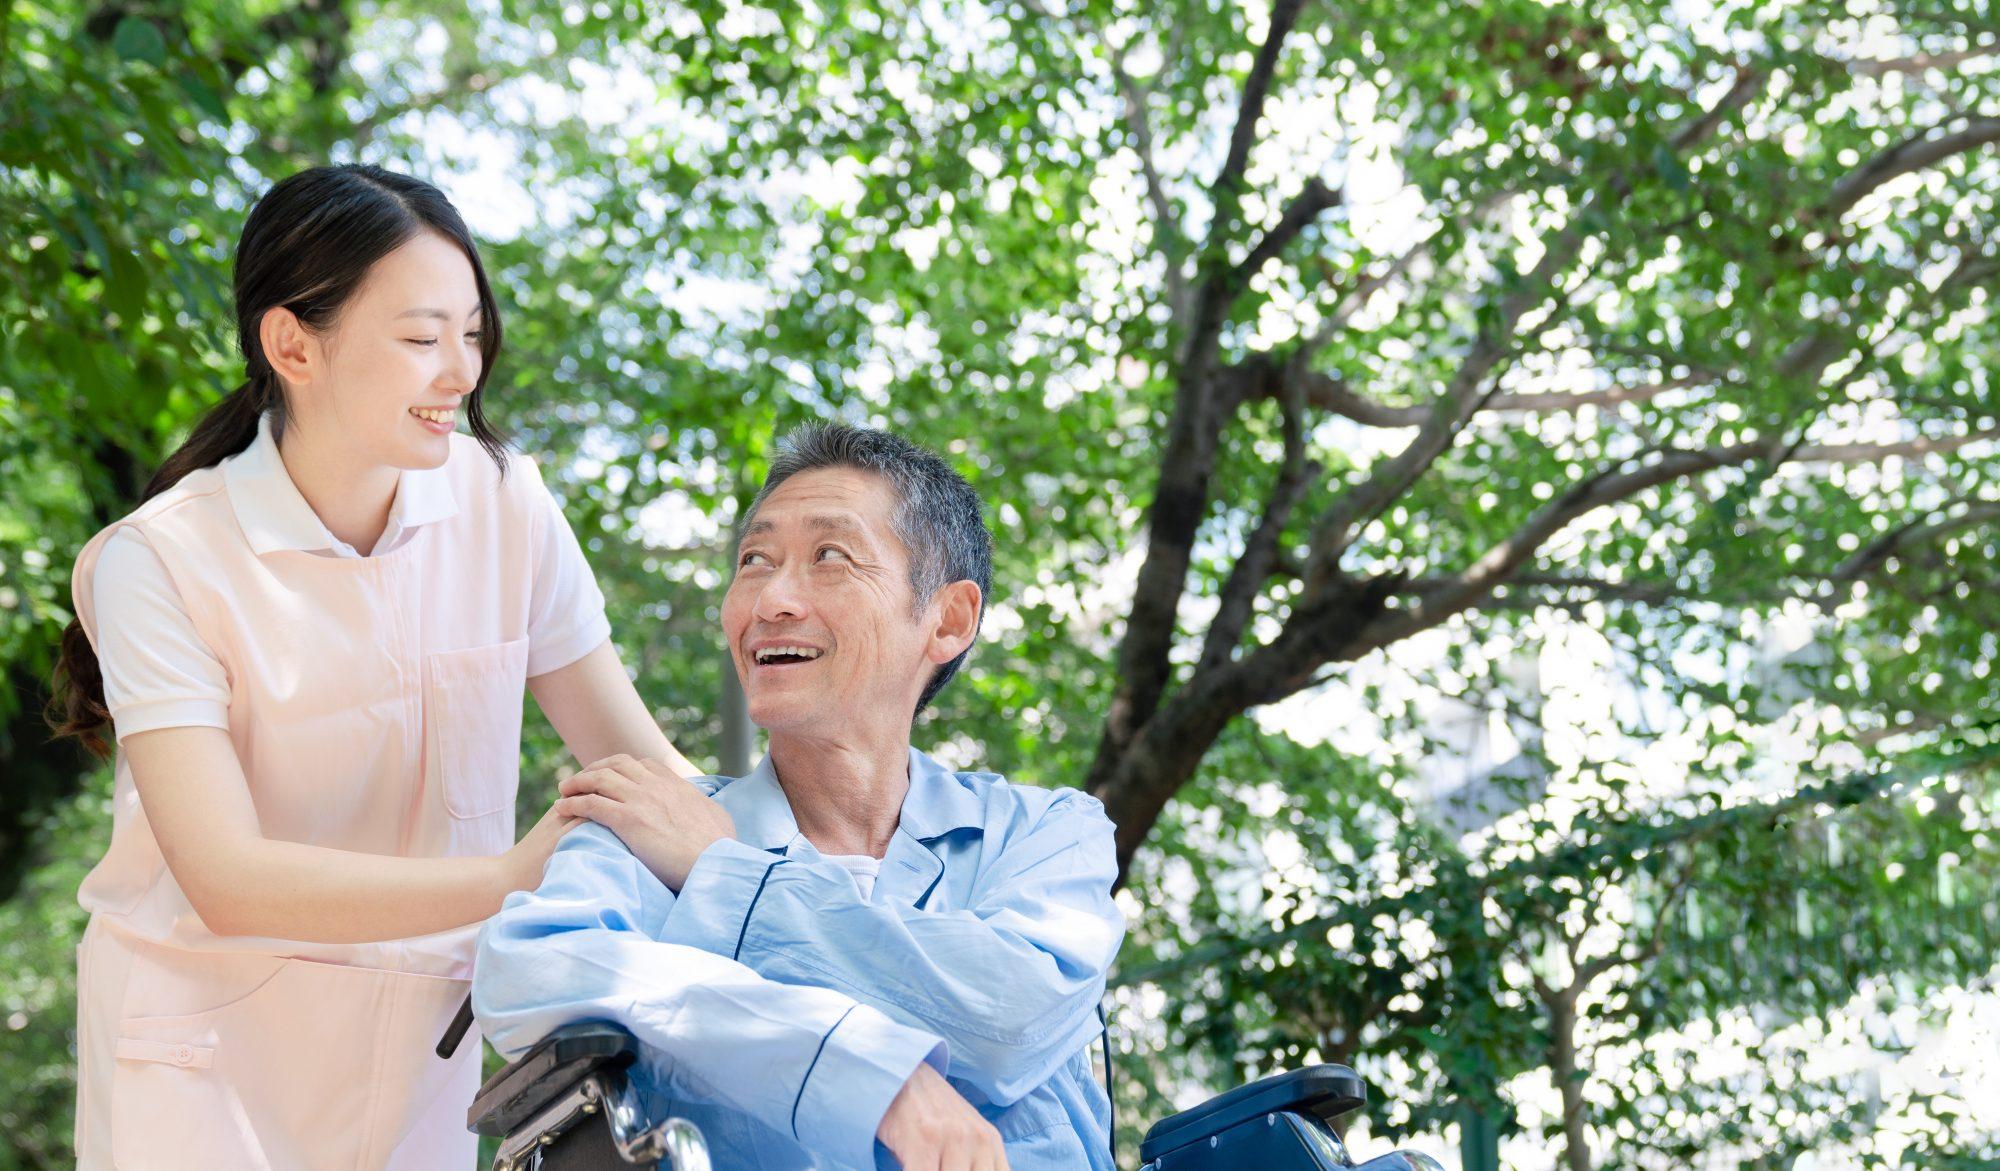 車いすに乗った笑顔の老人男性と接する笑顔の女性介護士